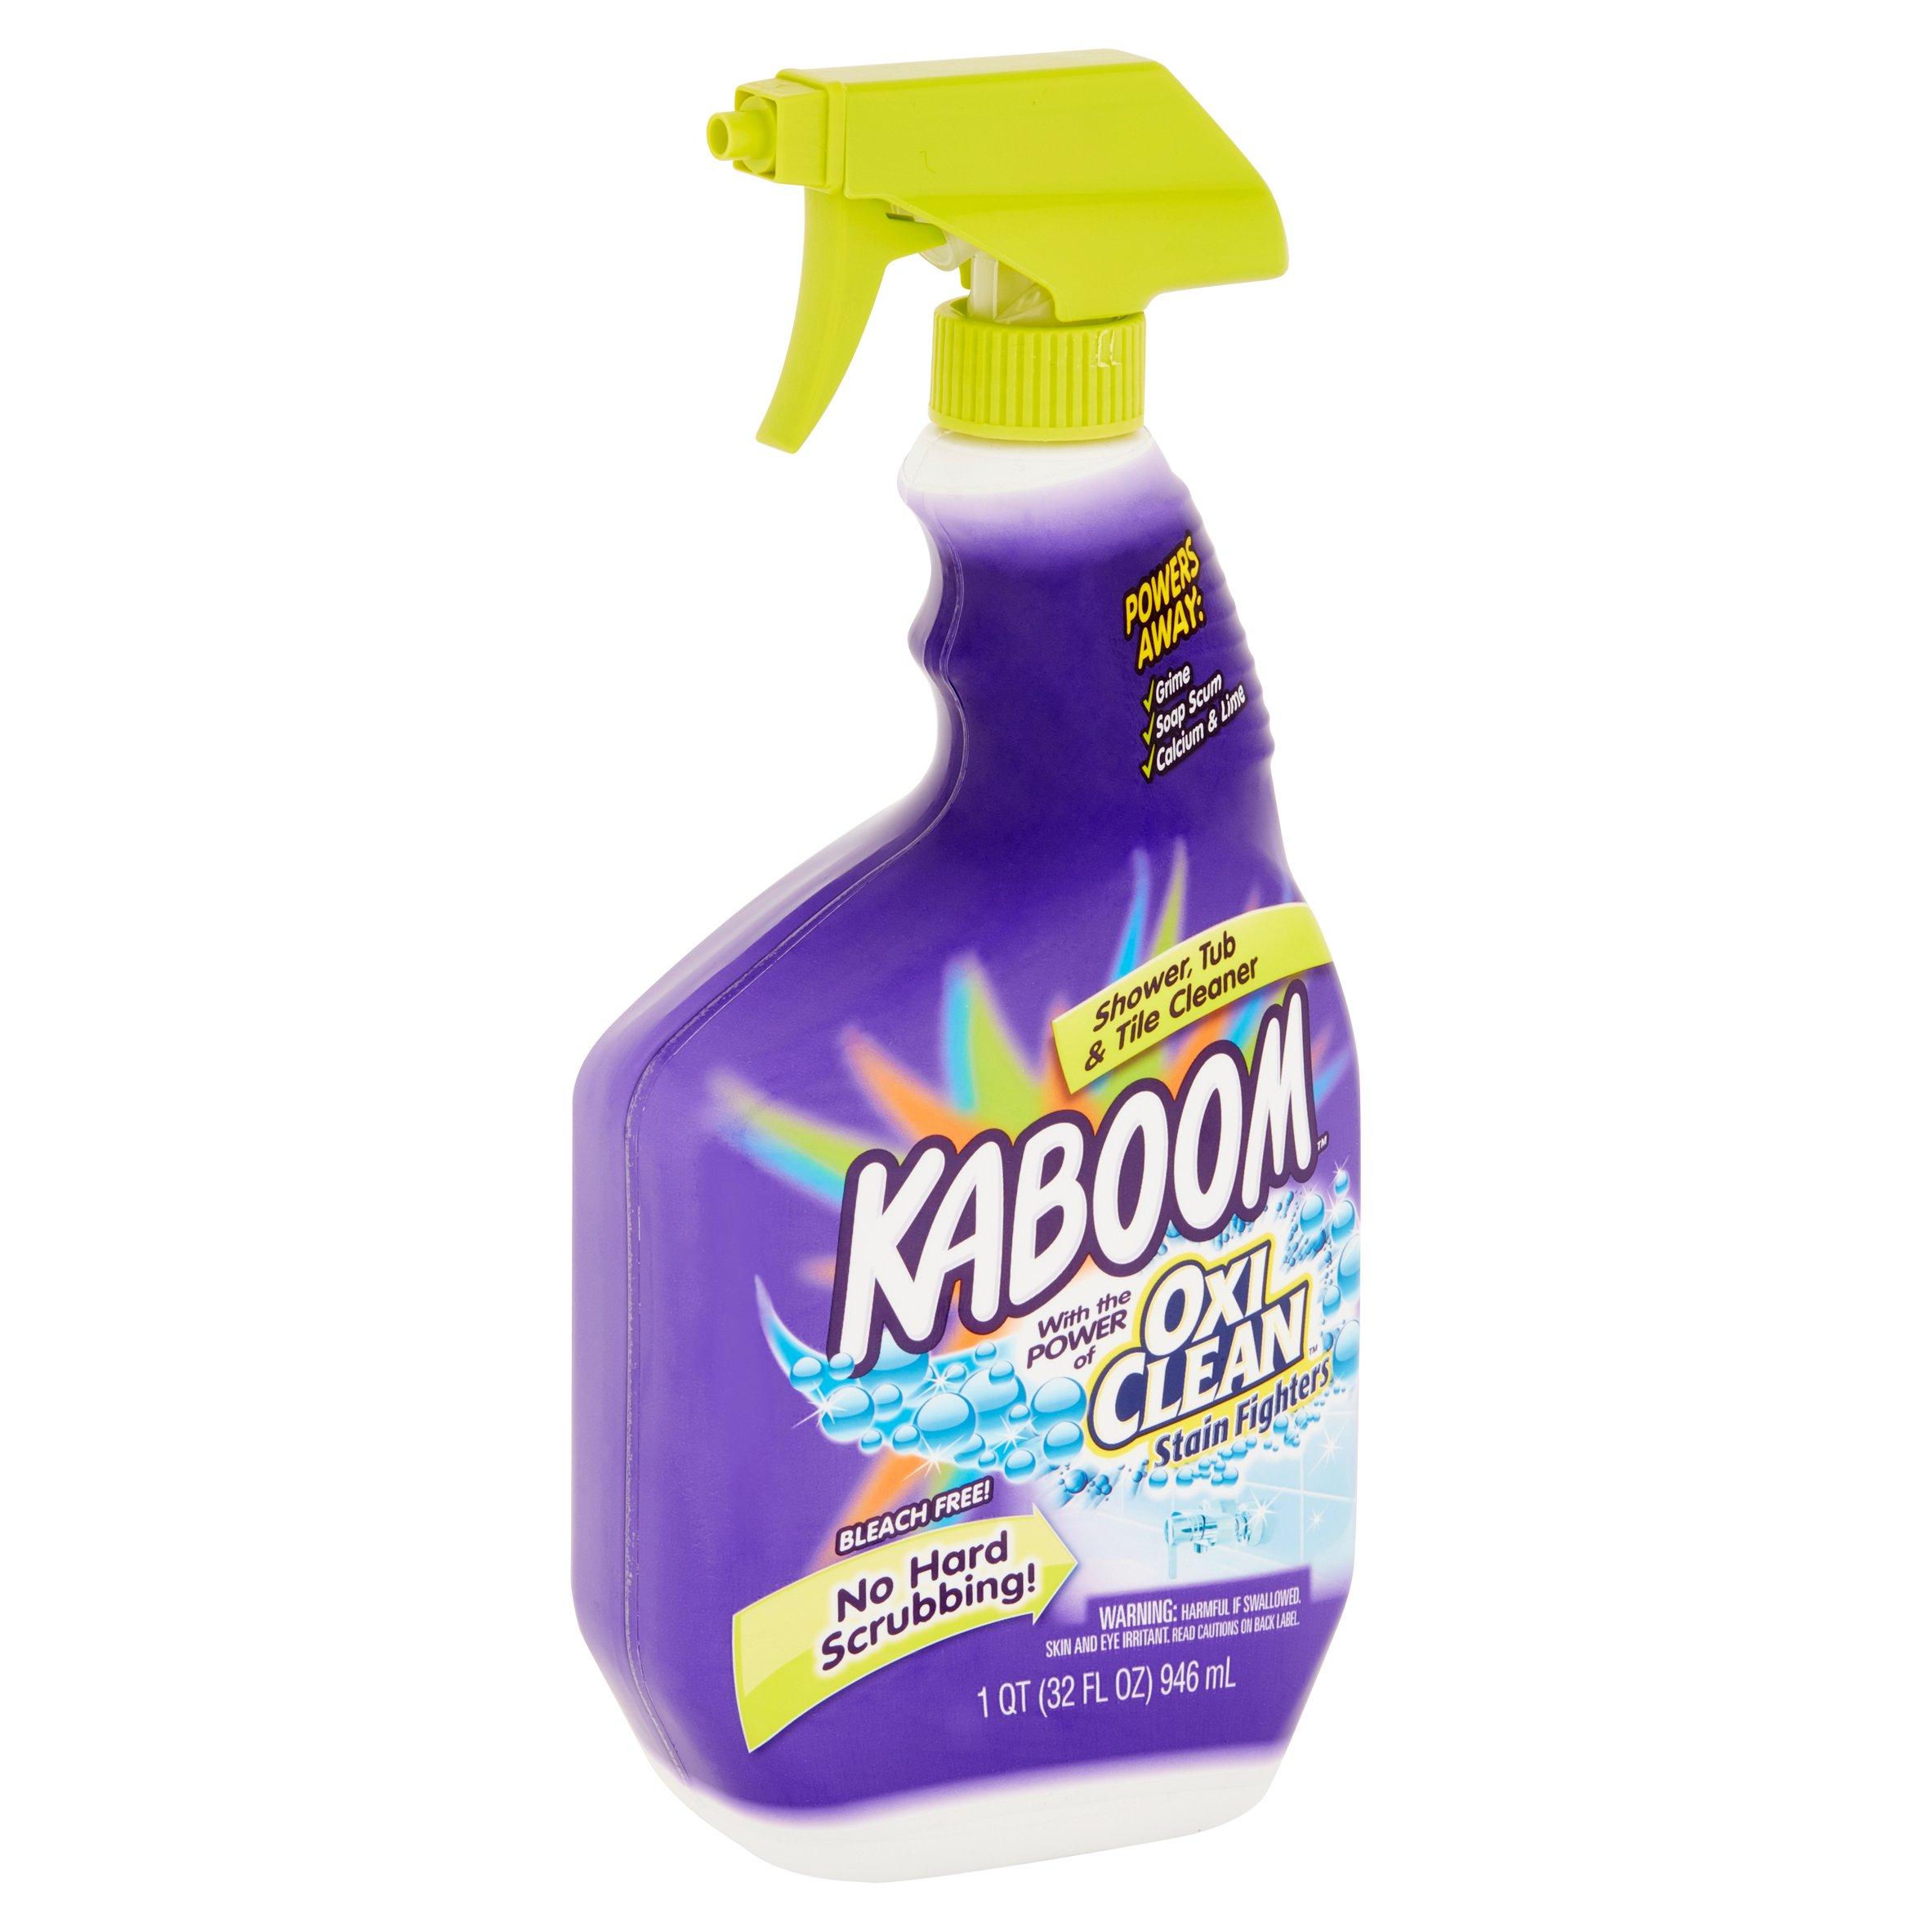 Kaboom Shower, Tub U0026 Tile Cleaner, 32 Fl Oz   Walmart.com